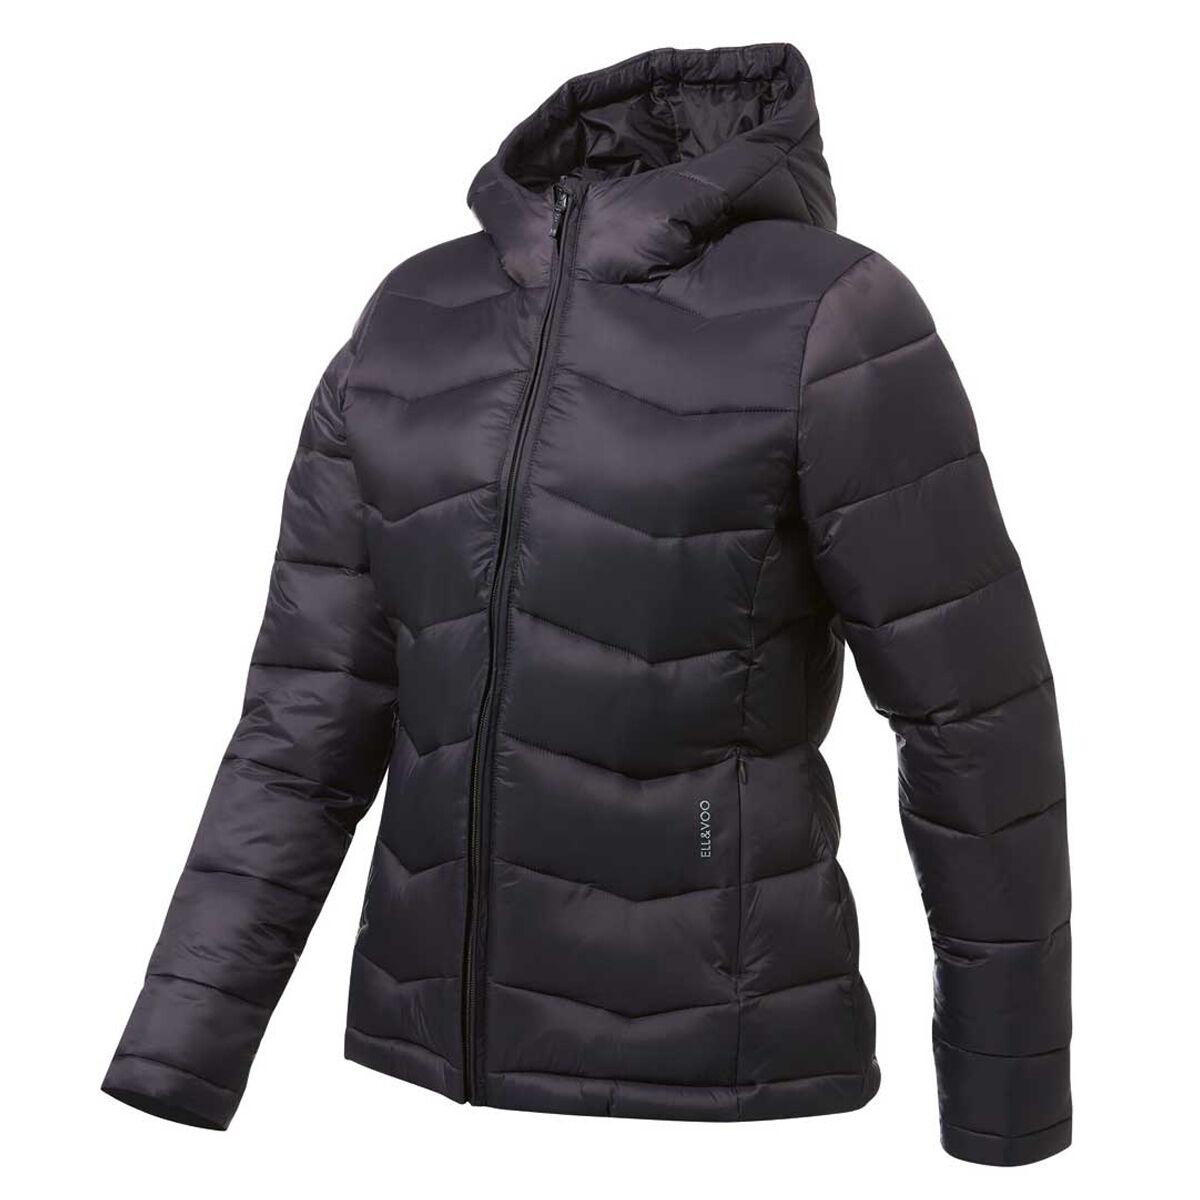 Adidas Padded Jacket – boxxed